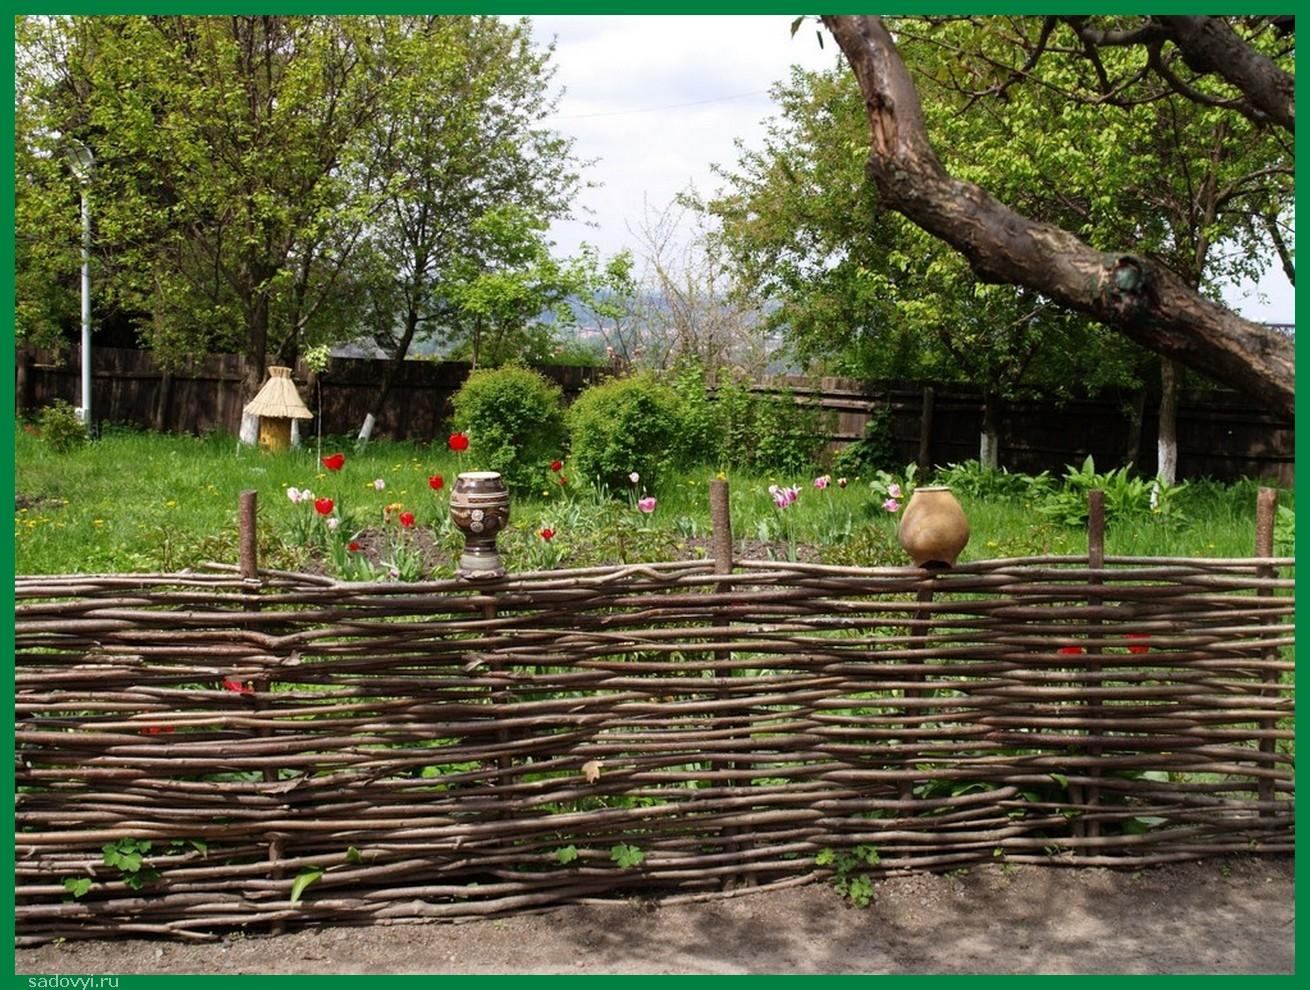 Забор из веток своими руками фото для поделки